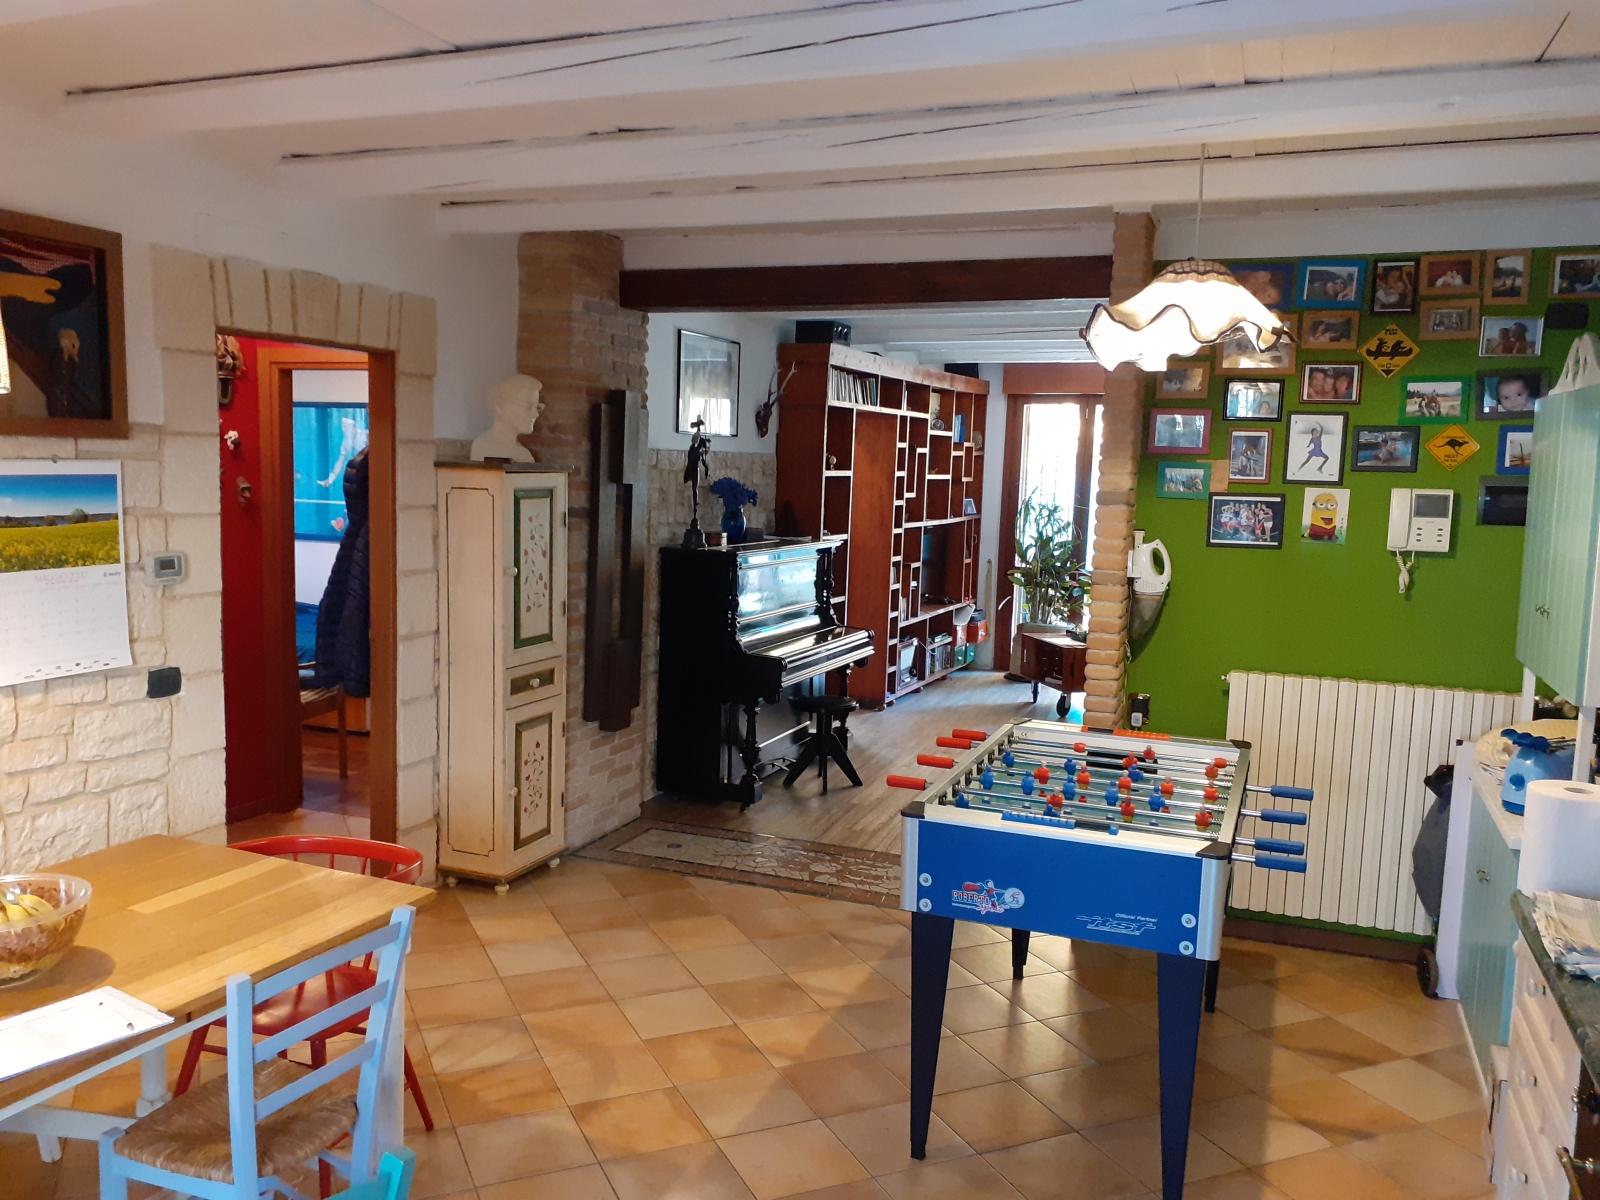 appartamento-in-vendita-cesano-boscone-milano-spaziourbano-immobiliare-vende-7